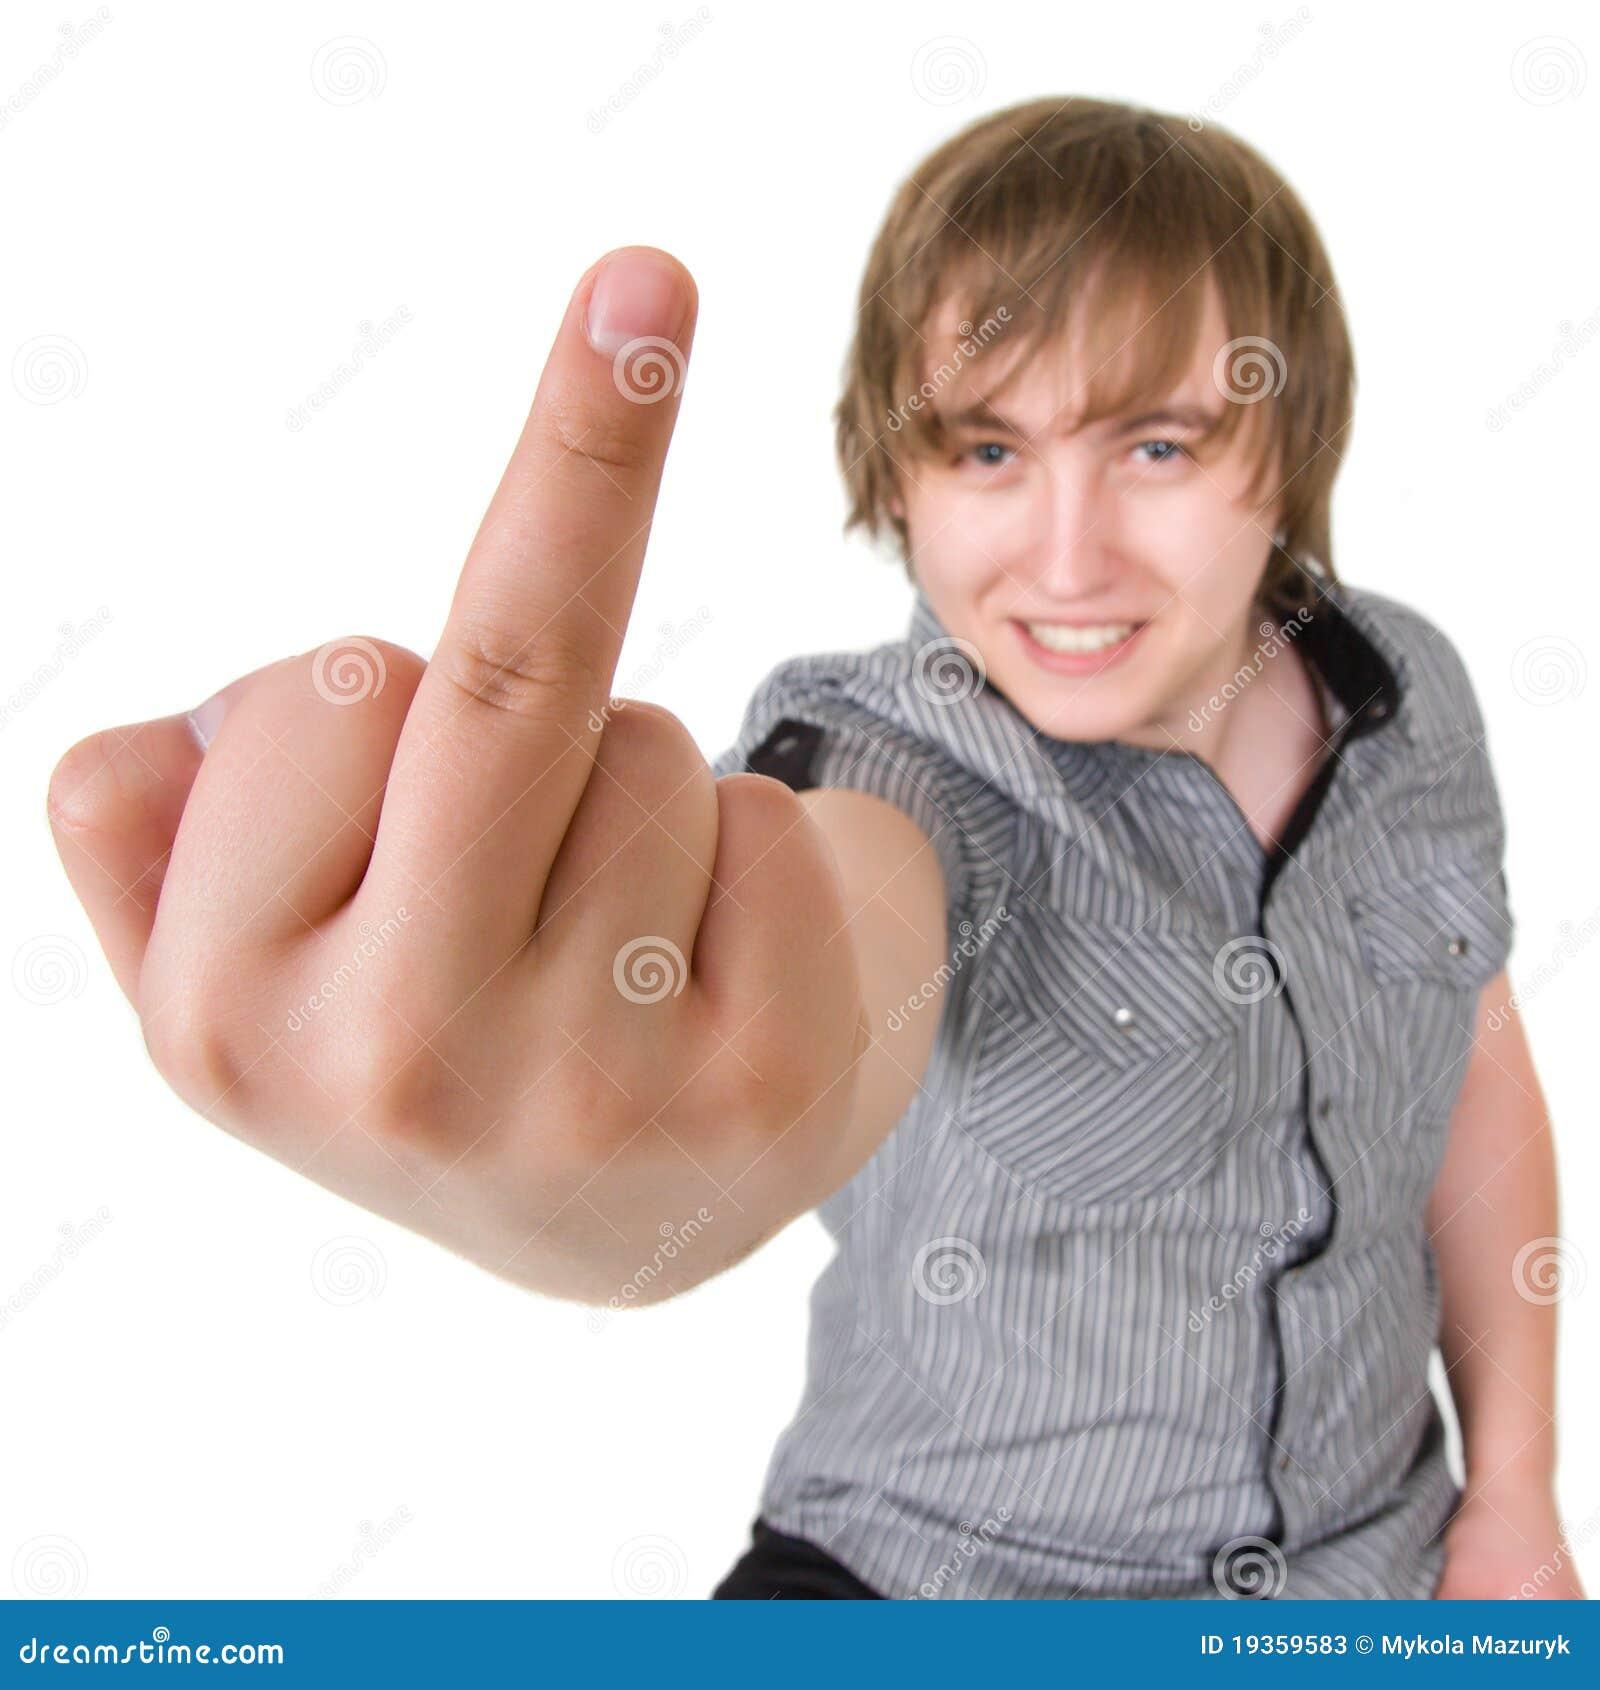 O menino ruim está mostrando o dedo médio